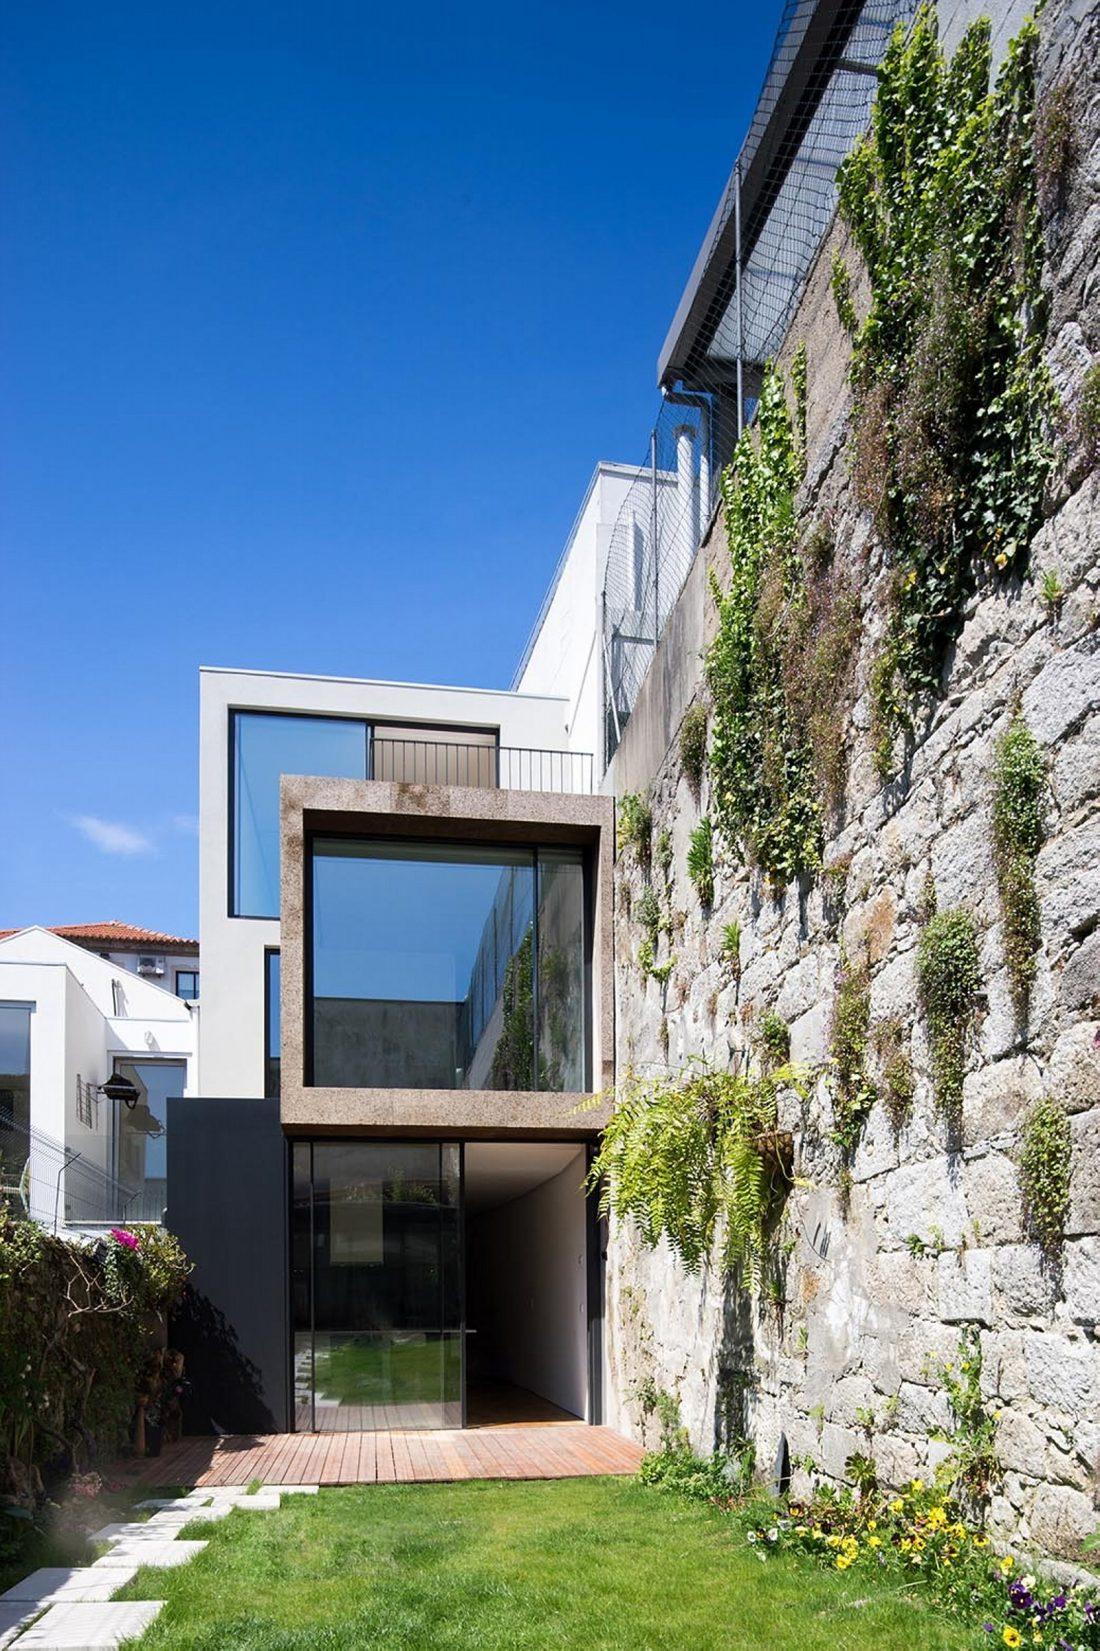 Реконструкция старинного дома Bonjardim House в Португалии по проекту ATKA arquitectos 9